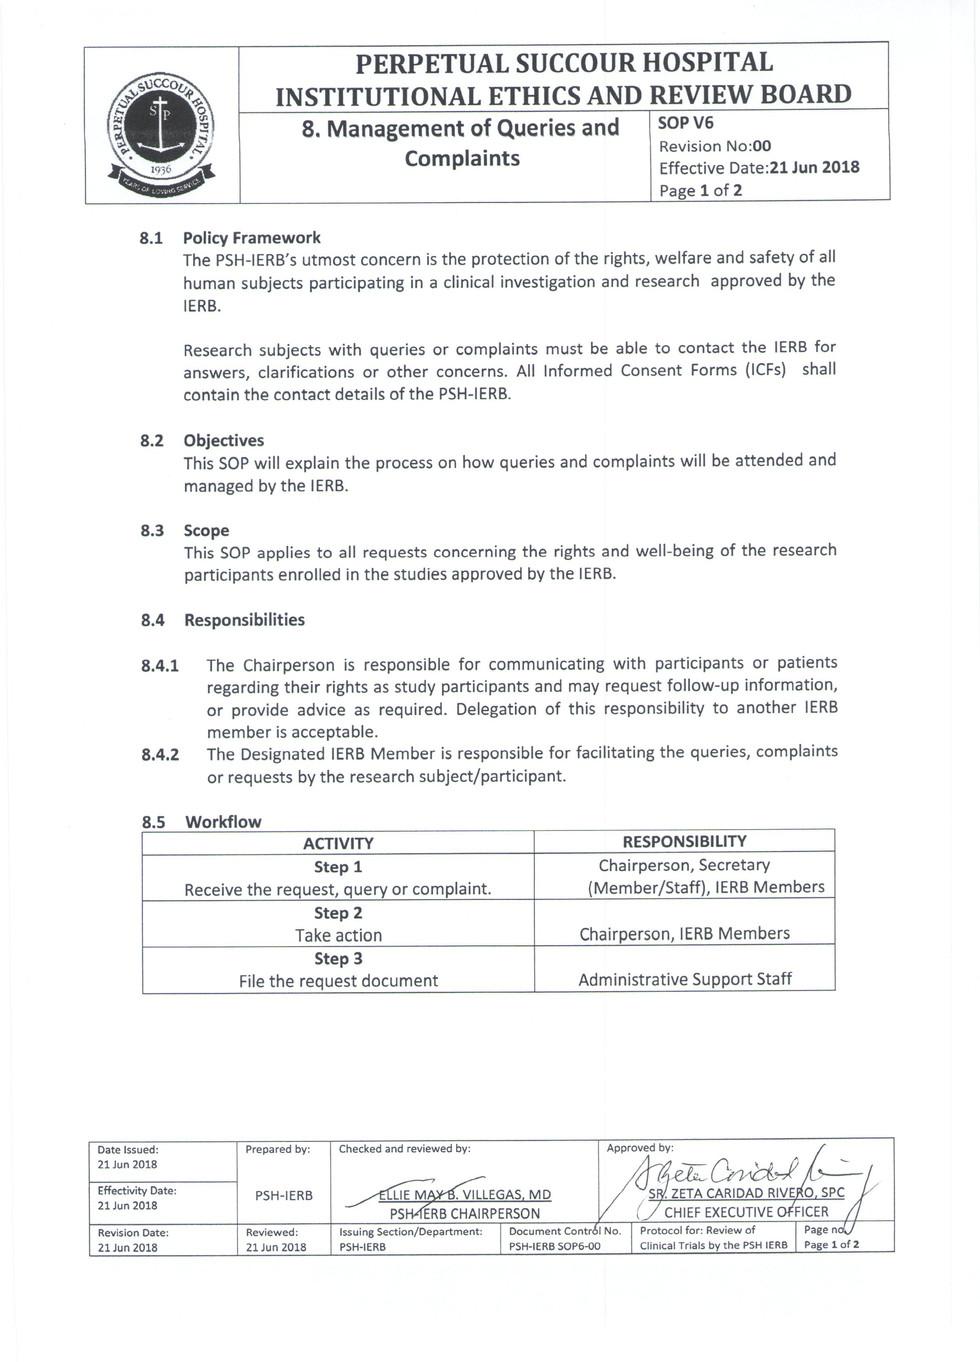 Management of Queries and Complaints 1.j